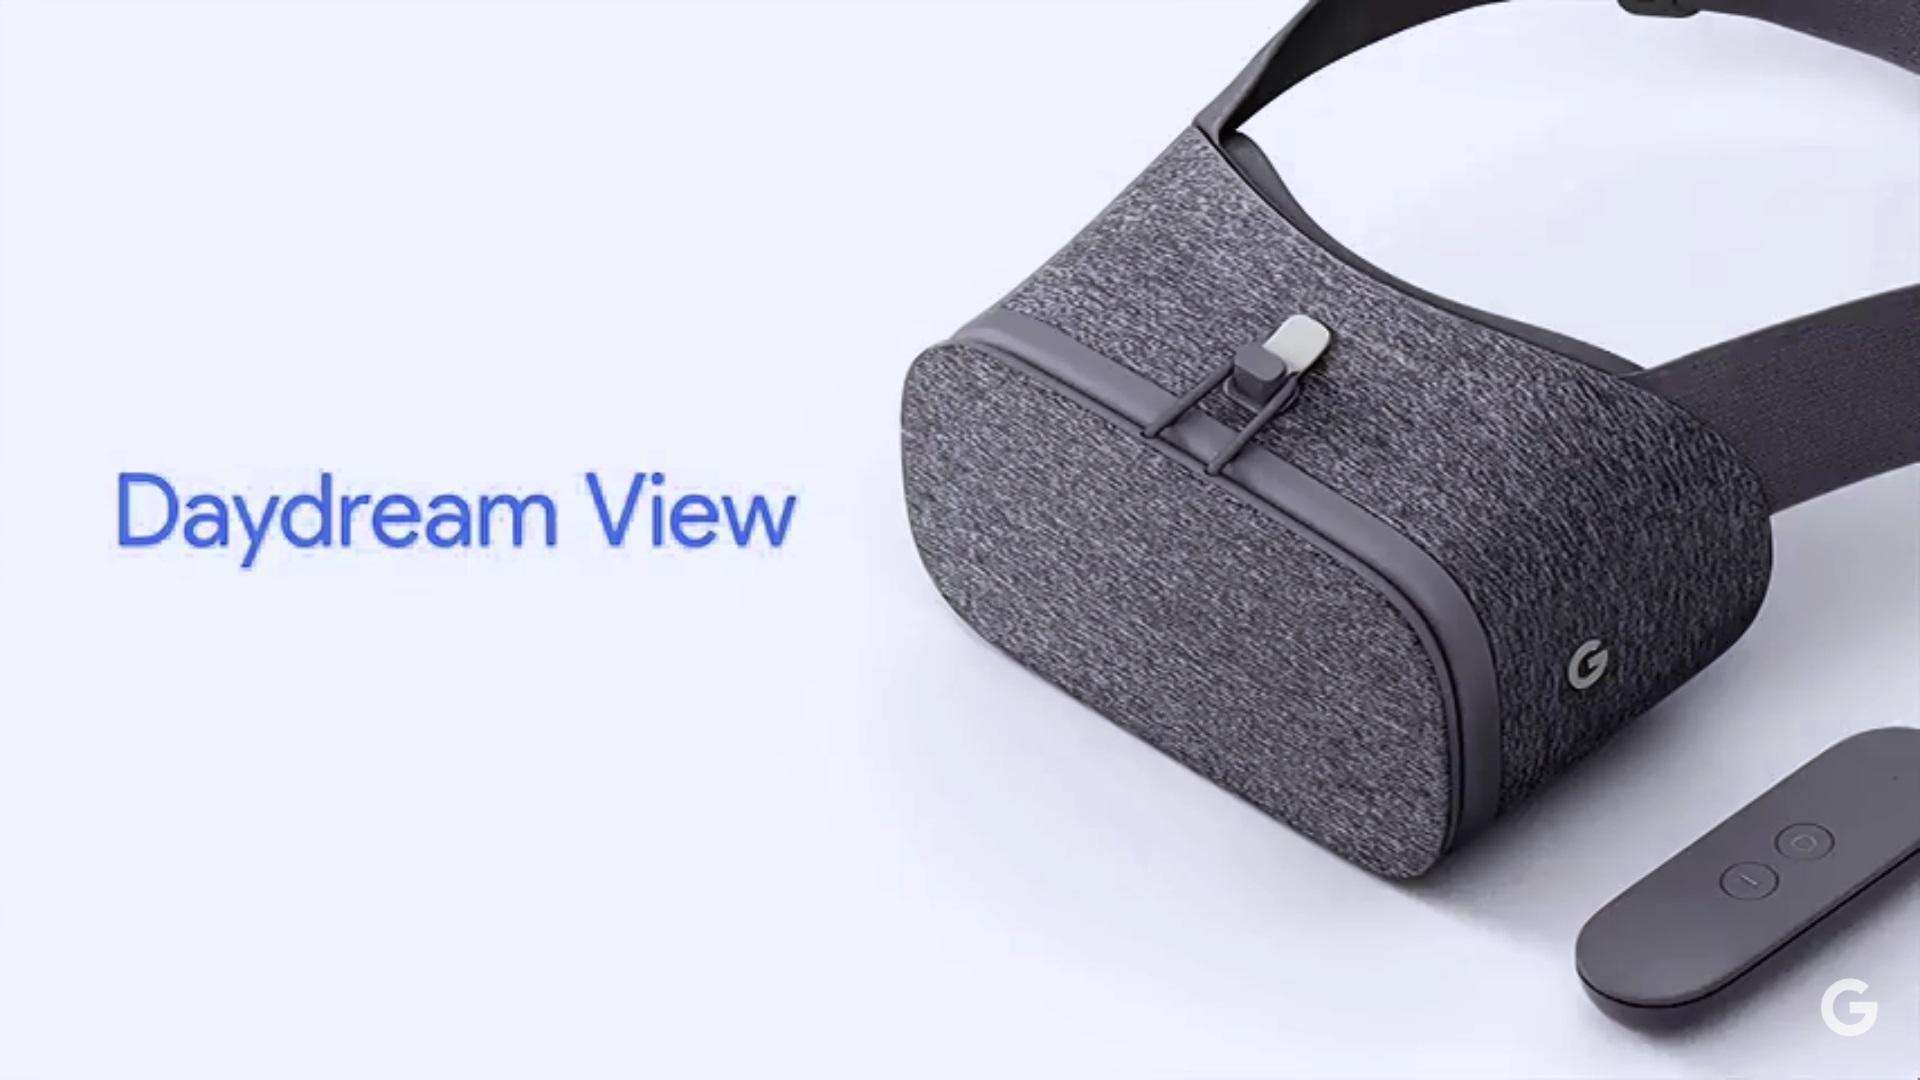 Virtuálna realita Daydream od Google, headset sa volá Daydream View